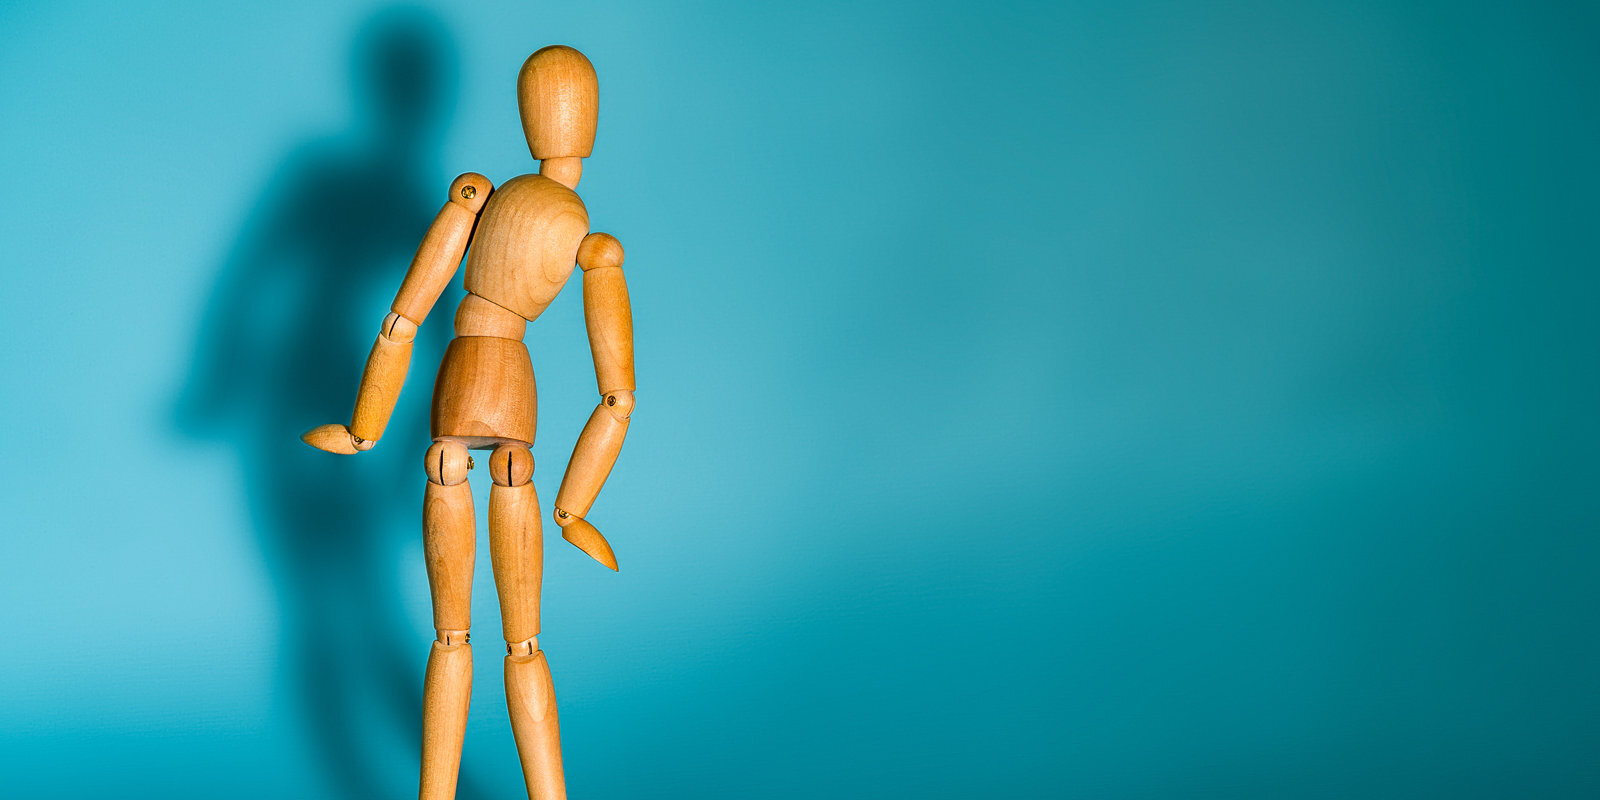 Klusējoša un viltīga – mugurkaula deformācija jeb skolioze